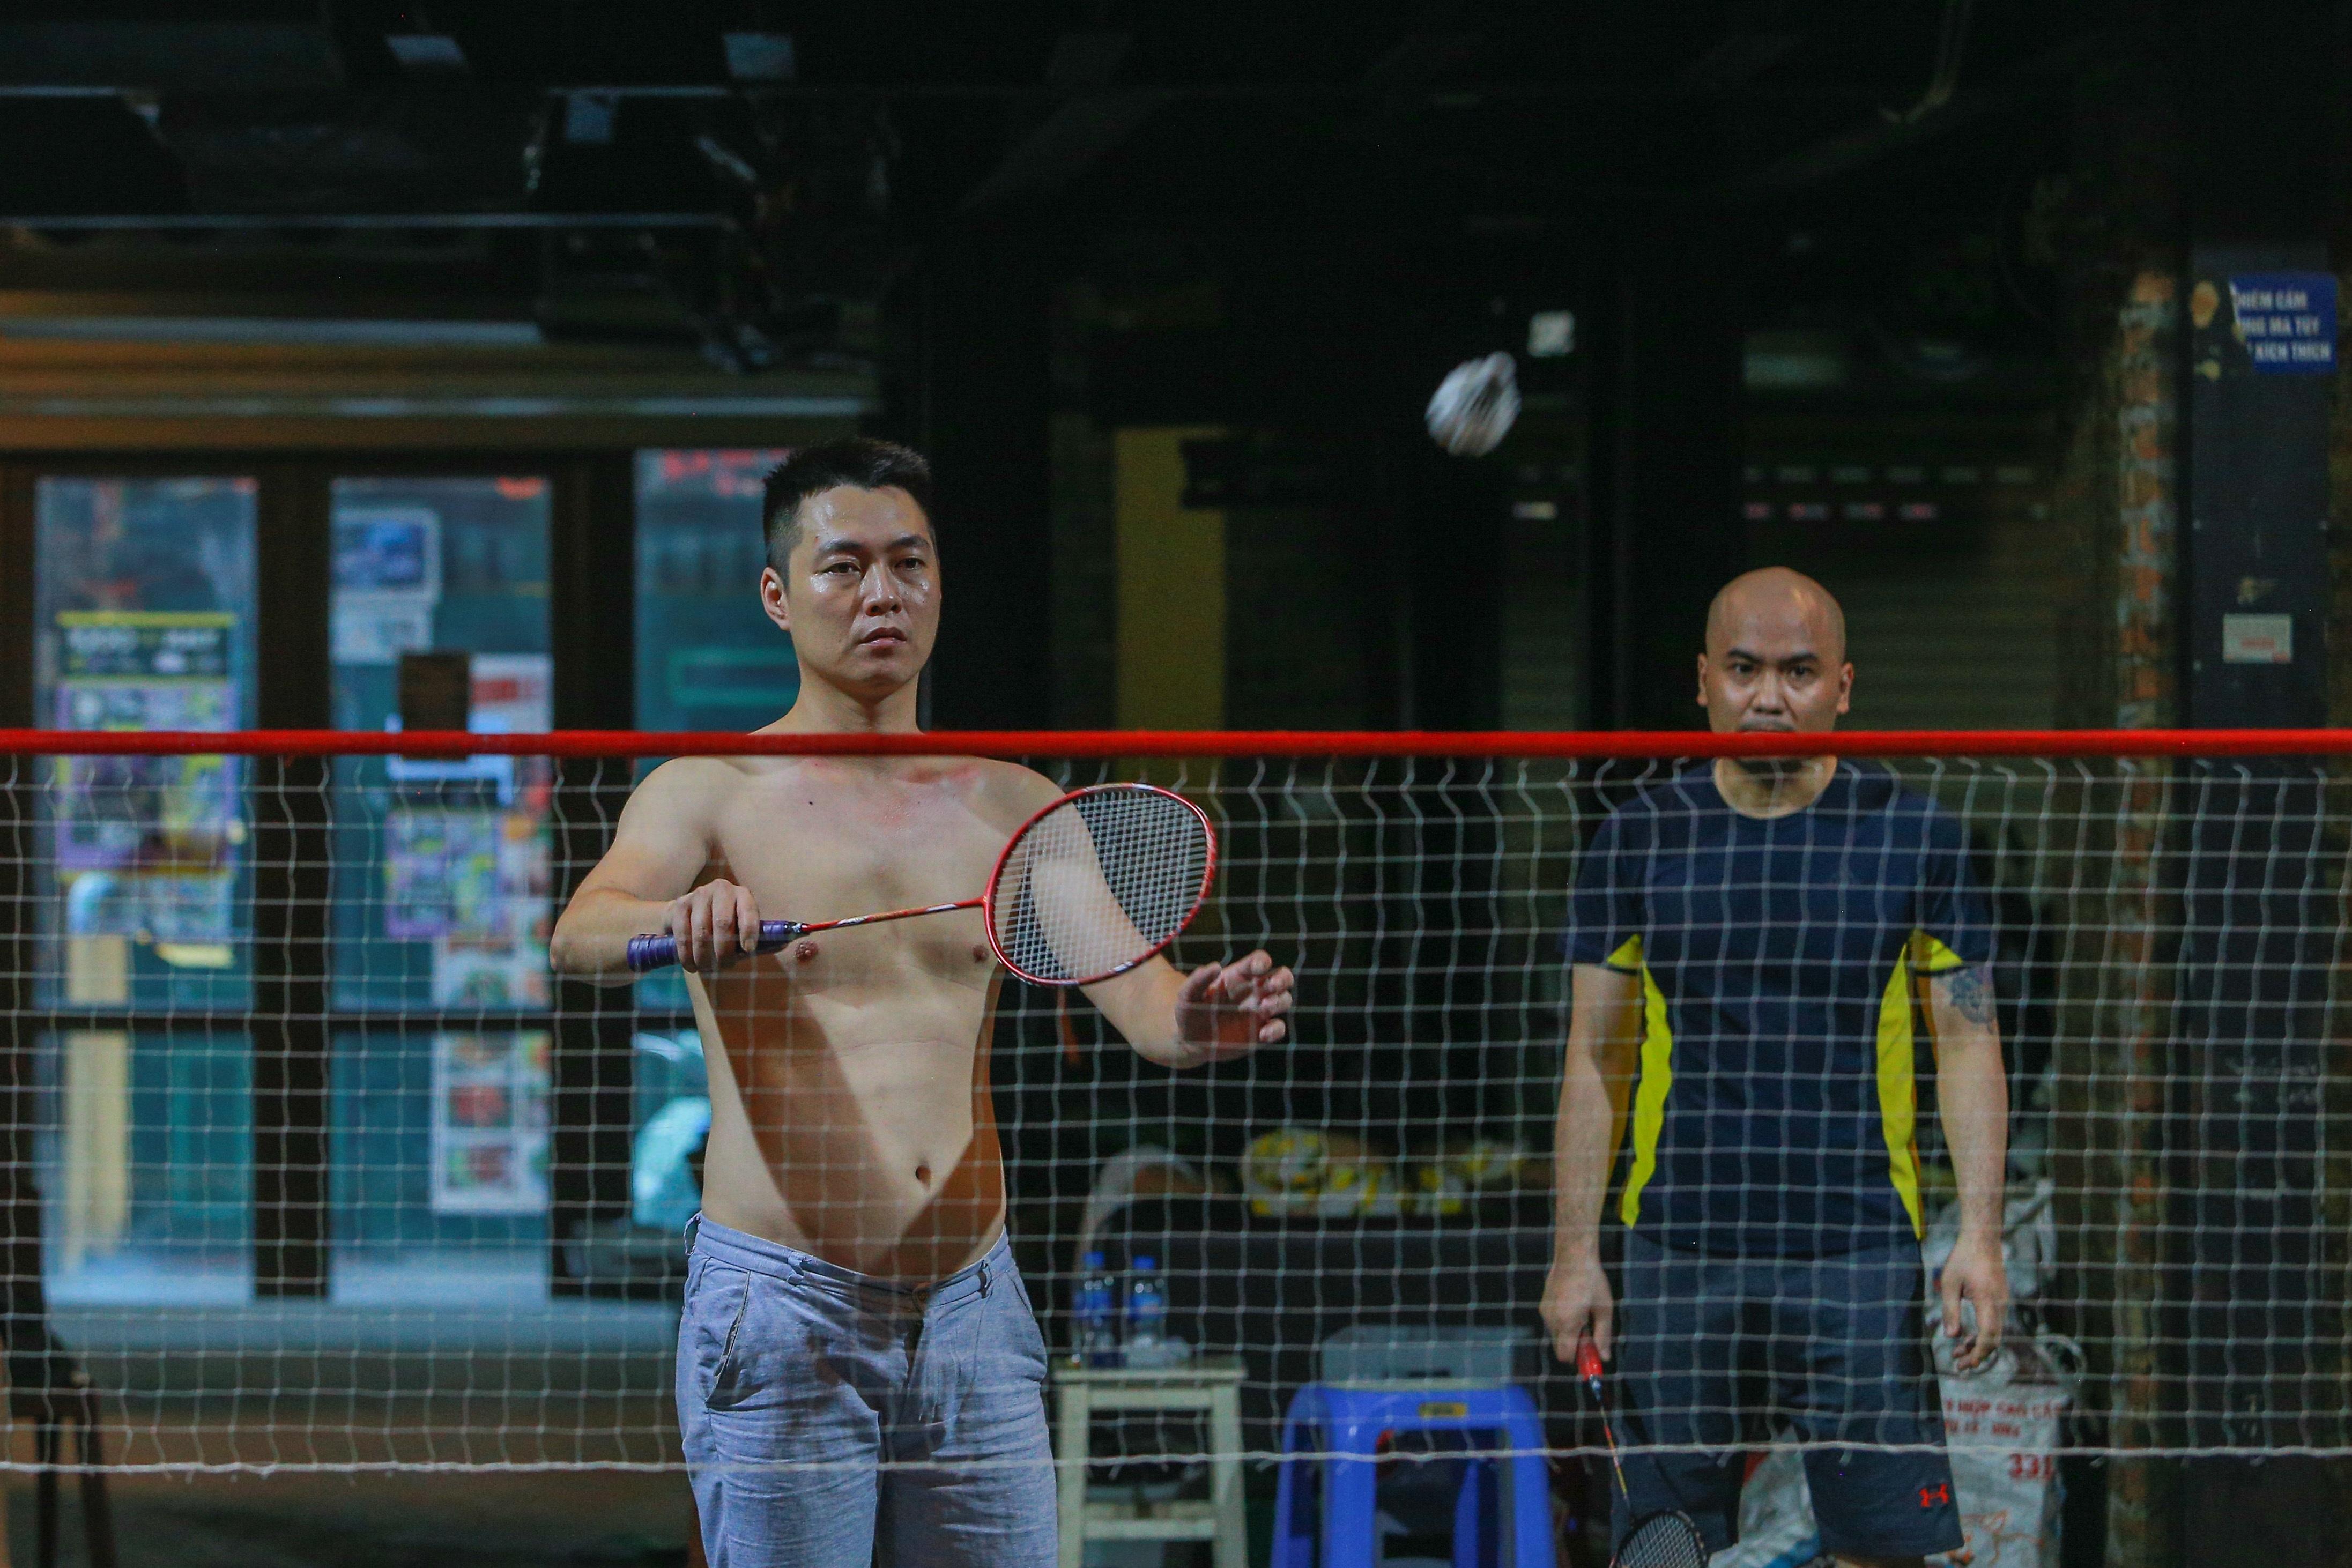 Đóng cửa vì dịch Covid-19, quán bar ở Hà Nội trở thành sân cầu lông - 3